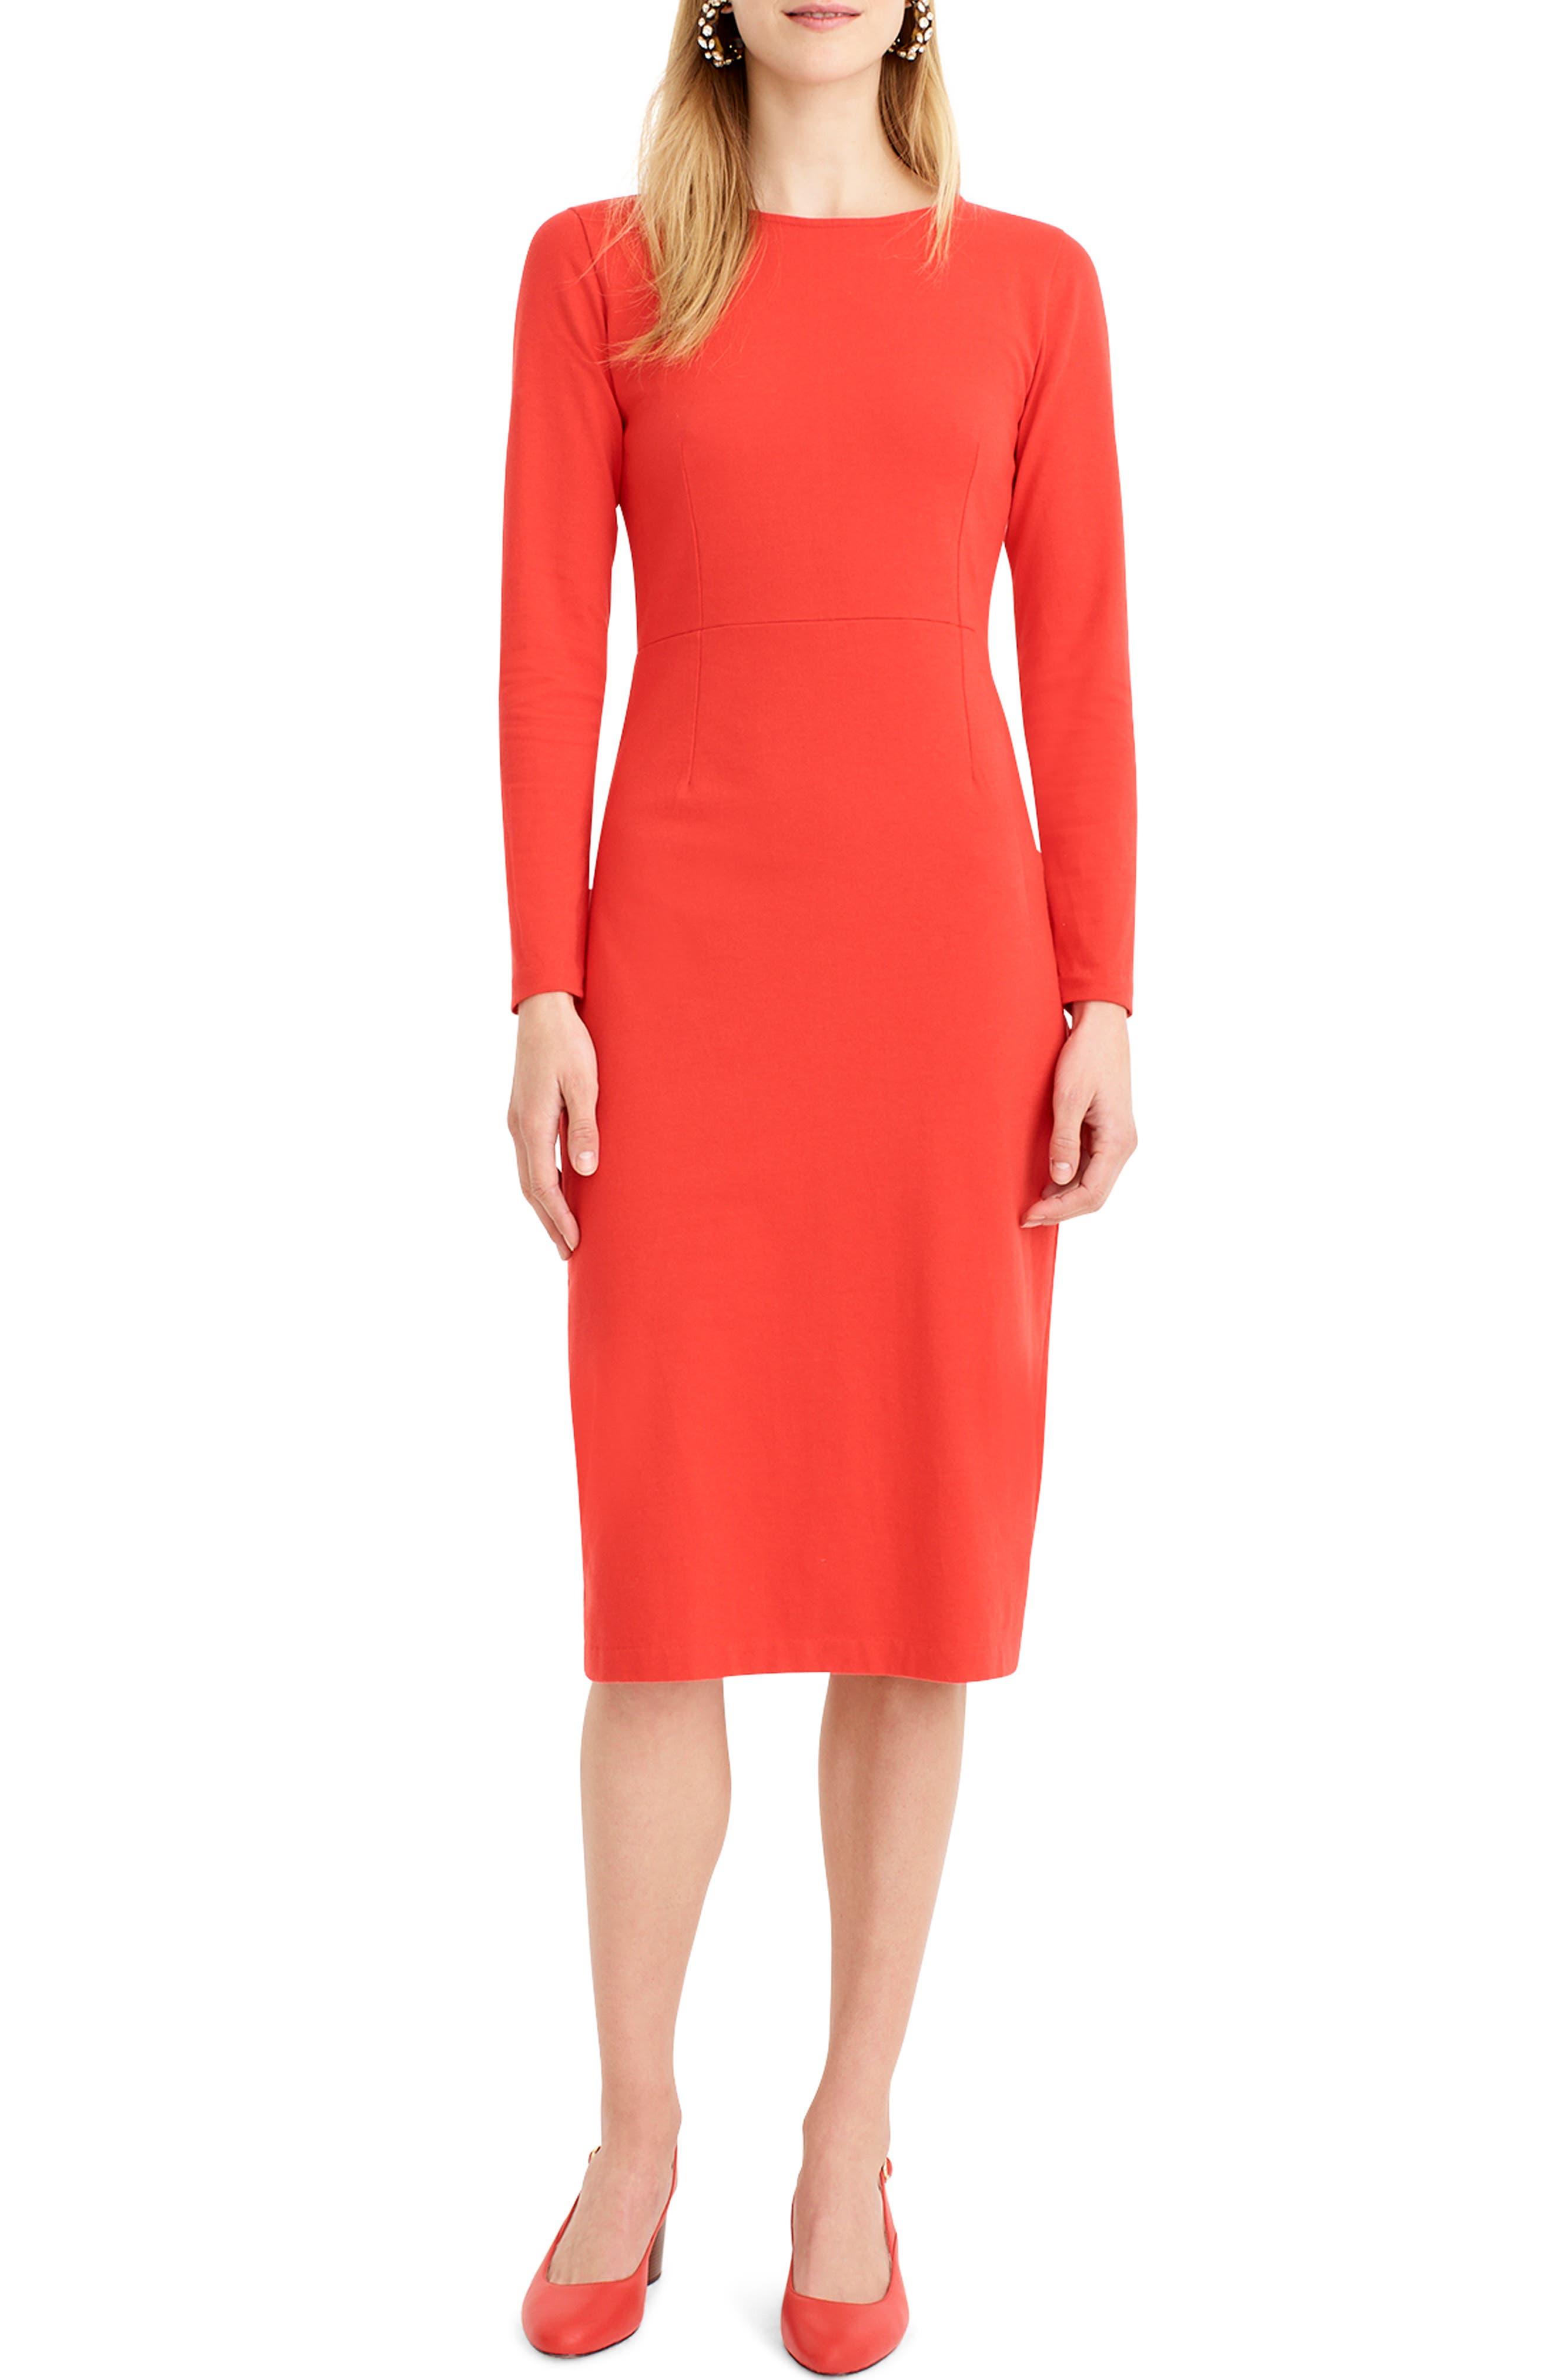 J.CREW, Knit Sheath Dress, Alternate thumbnail 7, color, BRIGHT CERISE